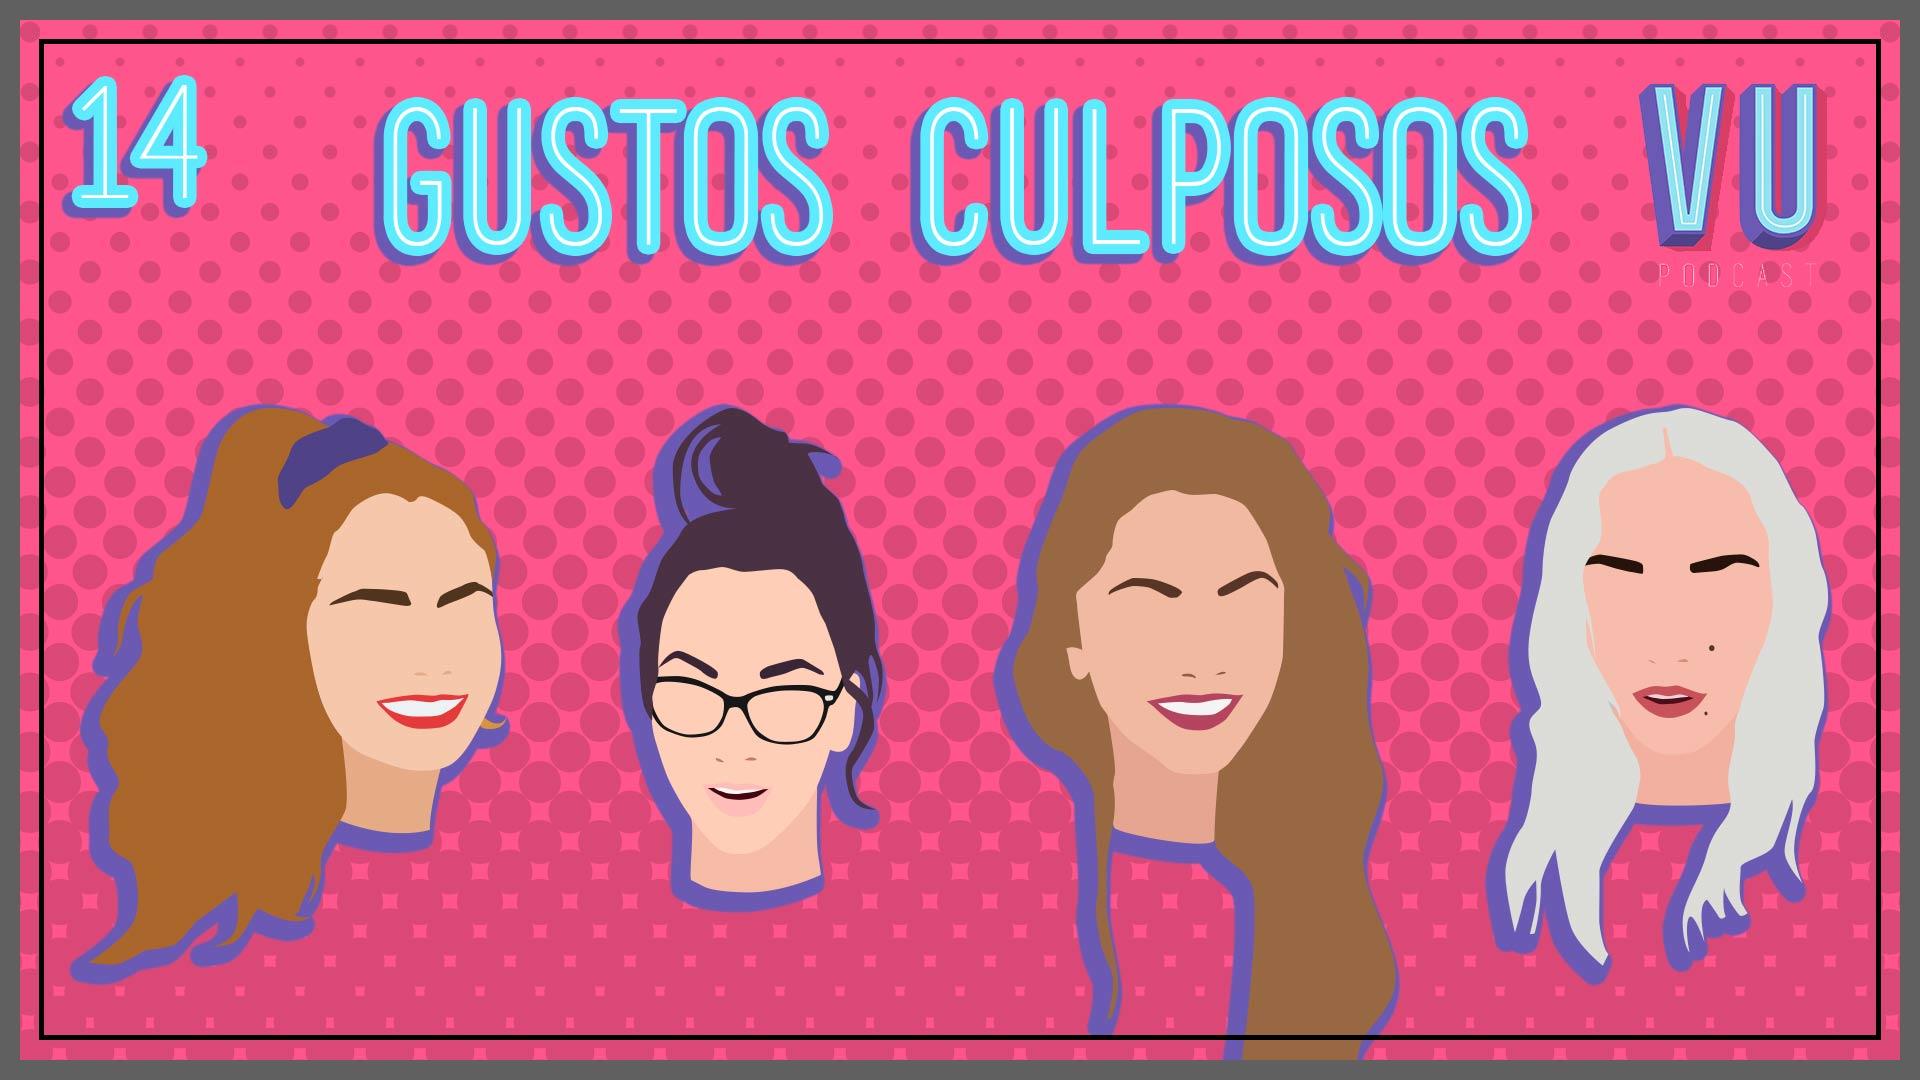 GUSTPOS CULPOSOS